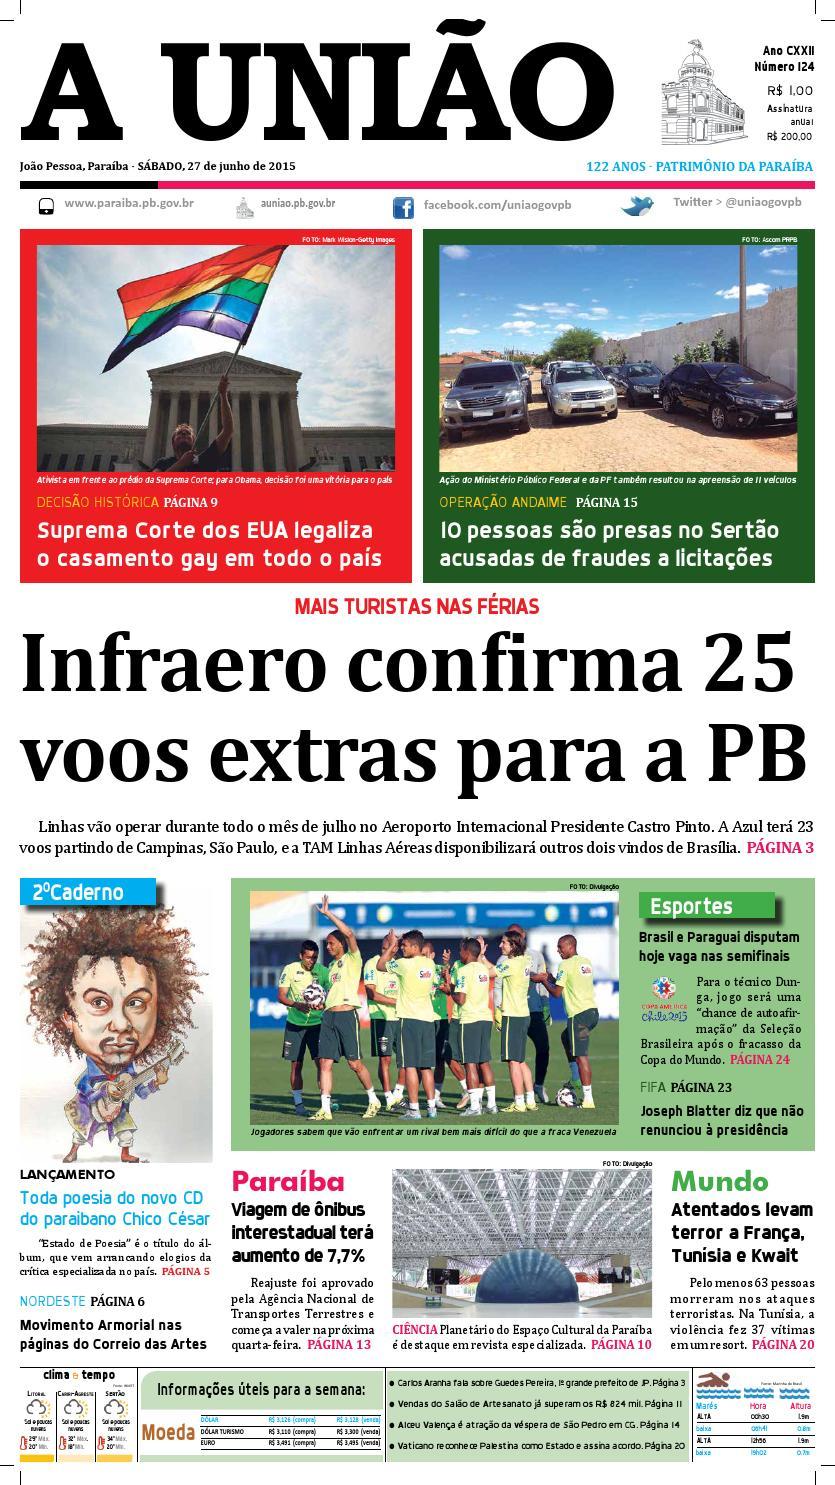 Jornal A União - 27 06 2015 by Jornal A União - issuu 7f78e261fcf